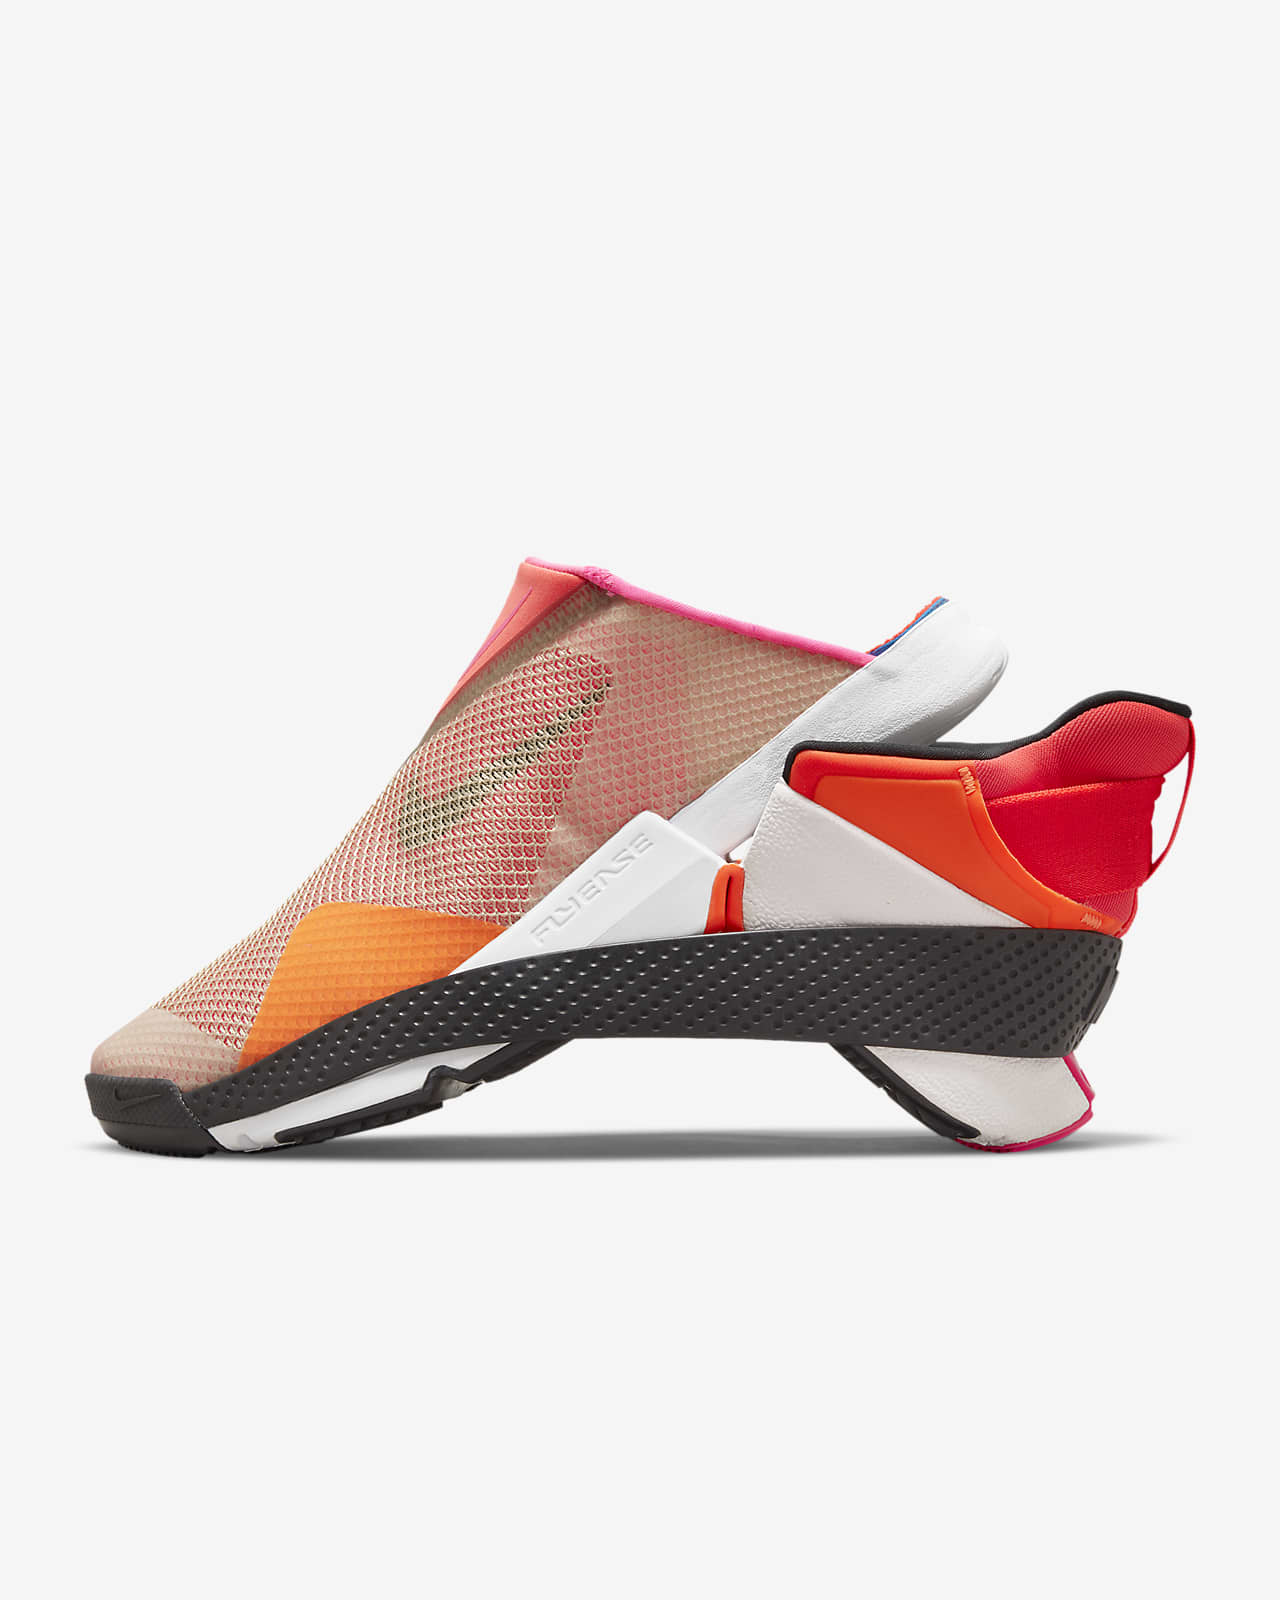 Nike Go FlyEase 男/女运动鞋